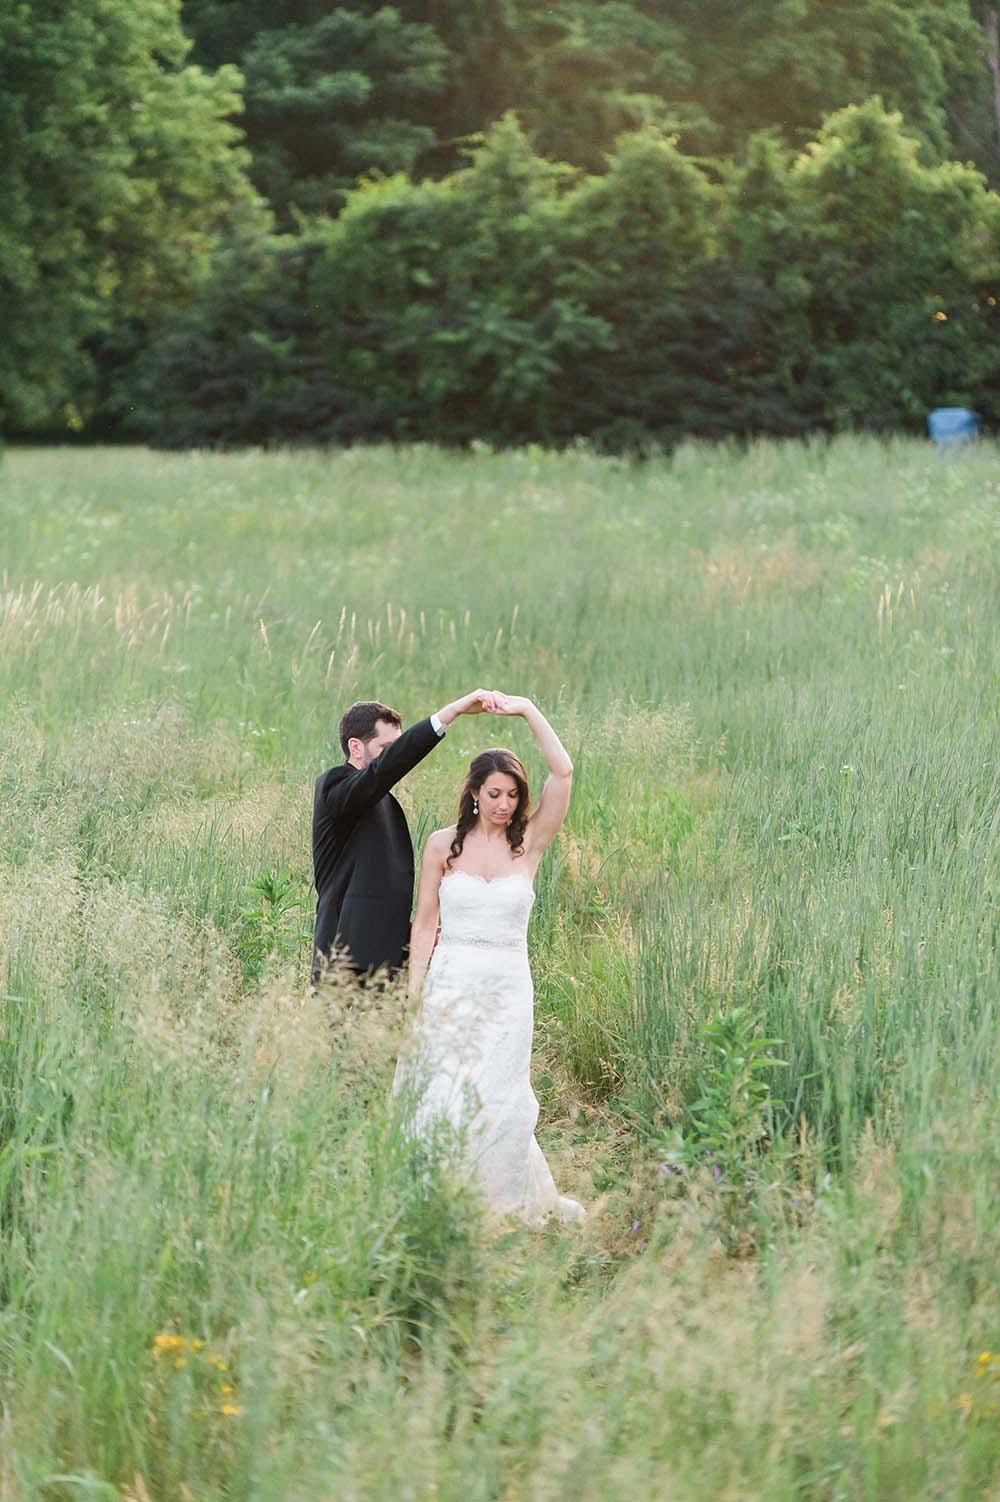 farmington-gardens-wedding-greg-lewis-photography-44